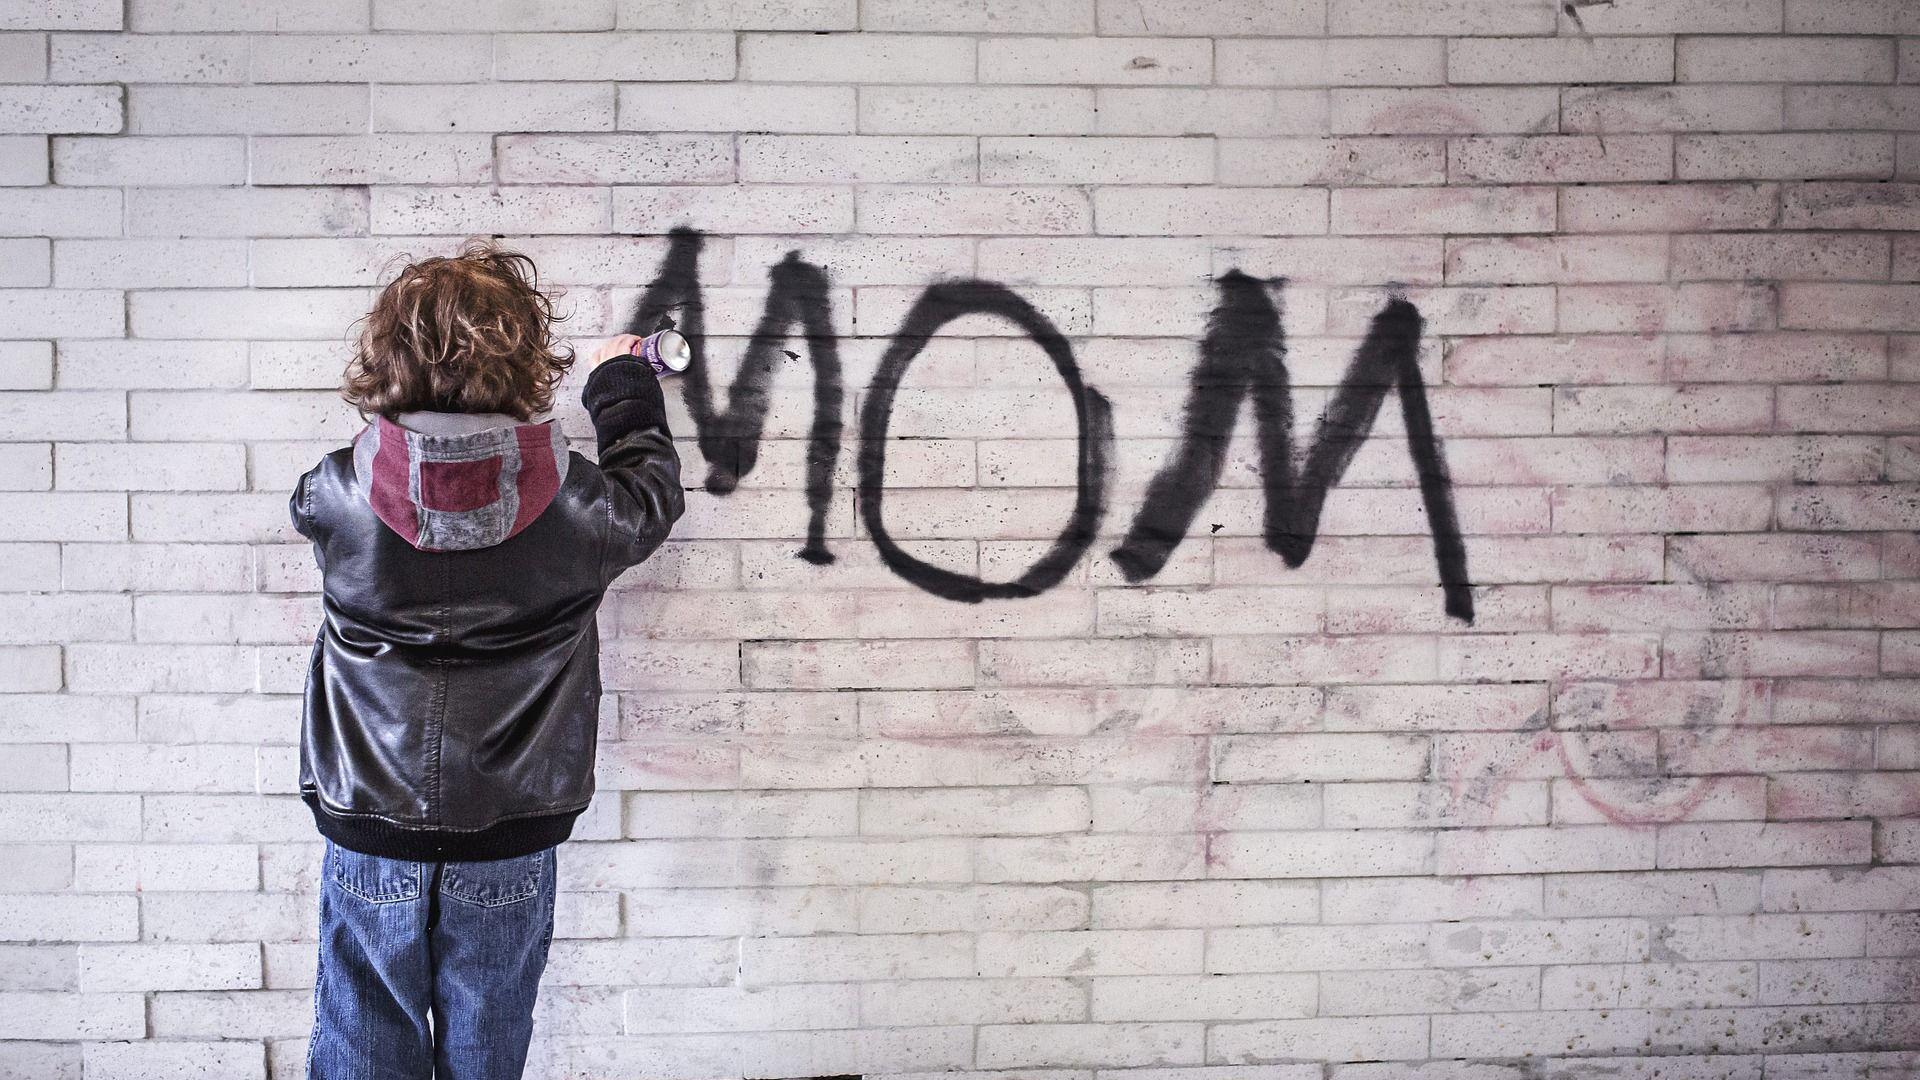 """პატარა ბიჭუნა კედელზე წერს სიტყვას """"დედა"""" - Sputnik საქართველო, 1920, 05.04.2021"""